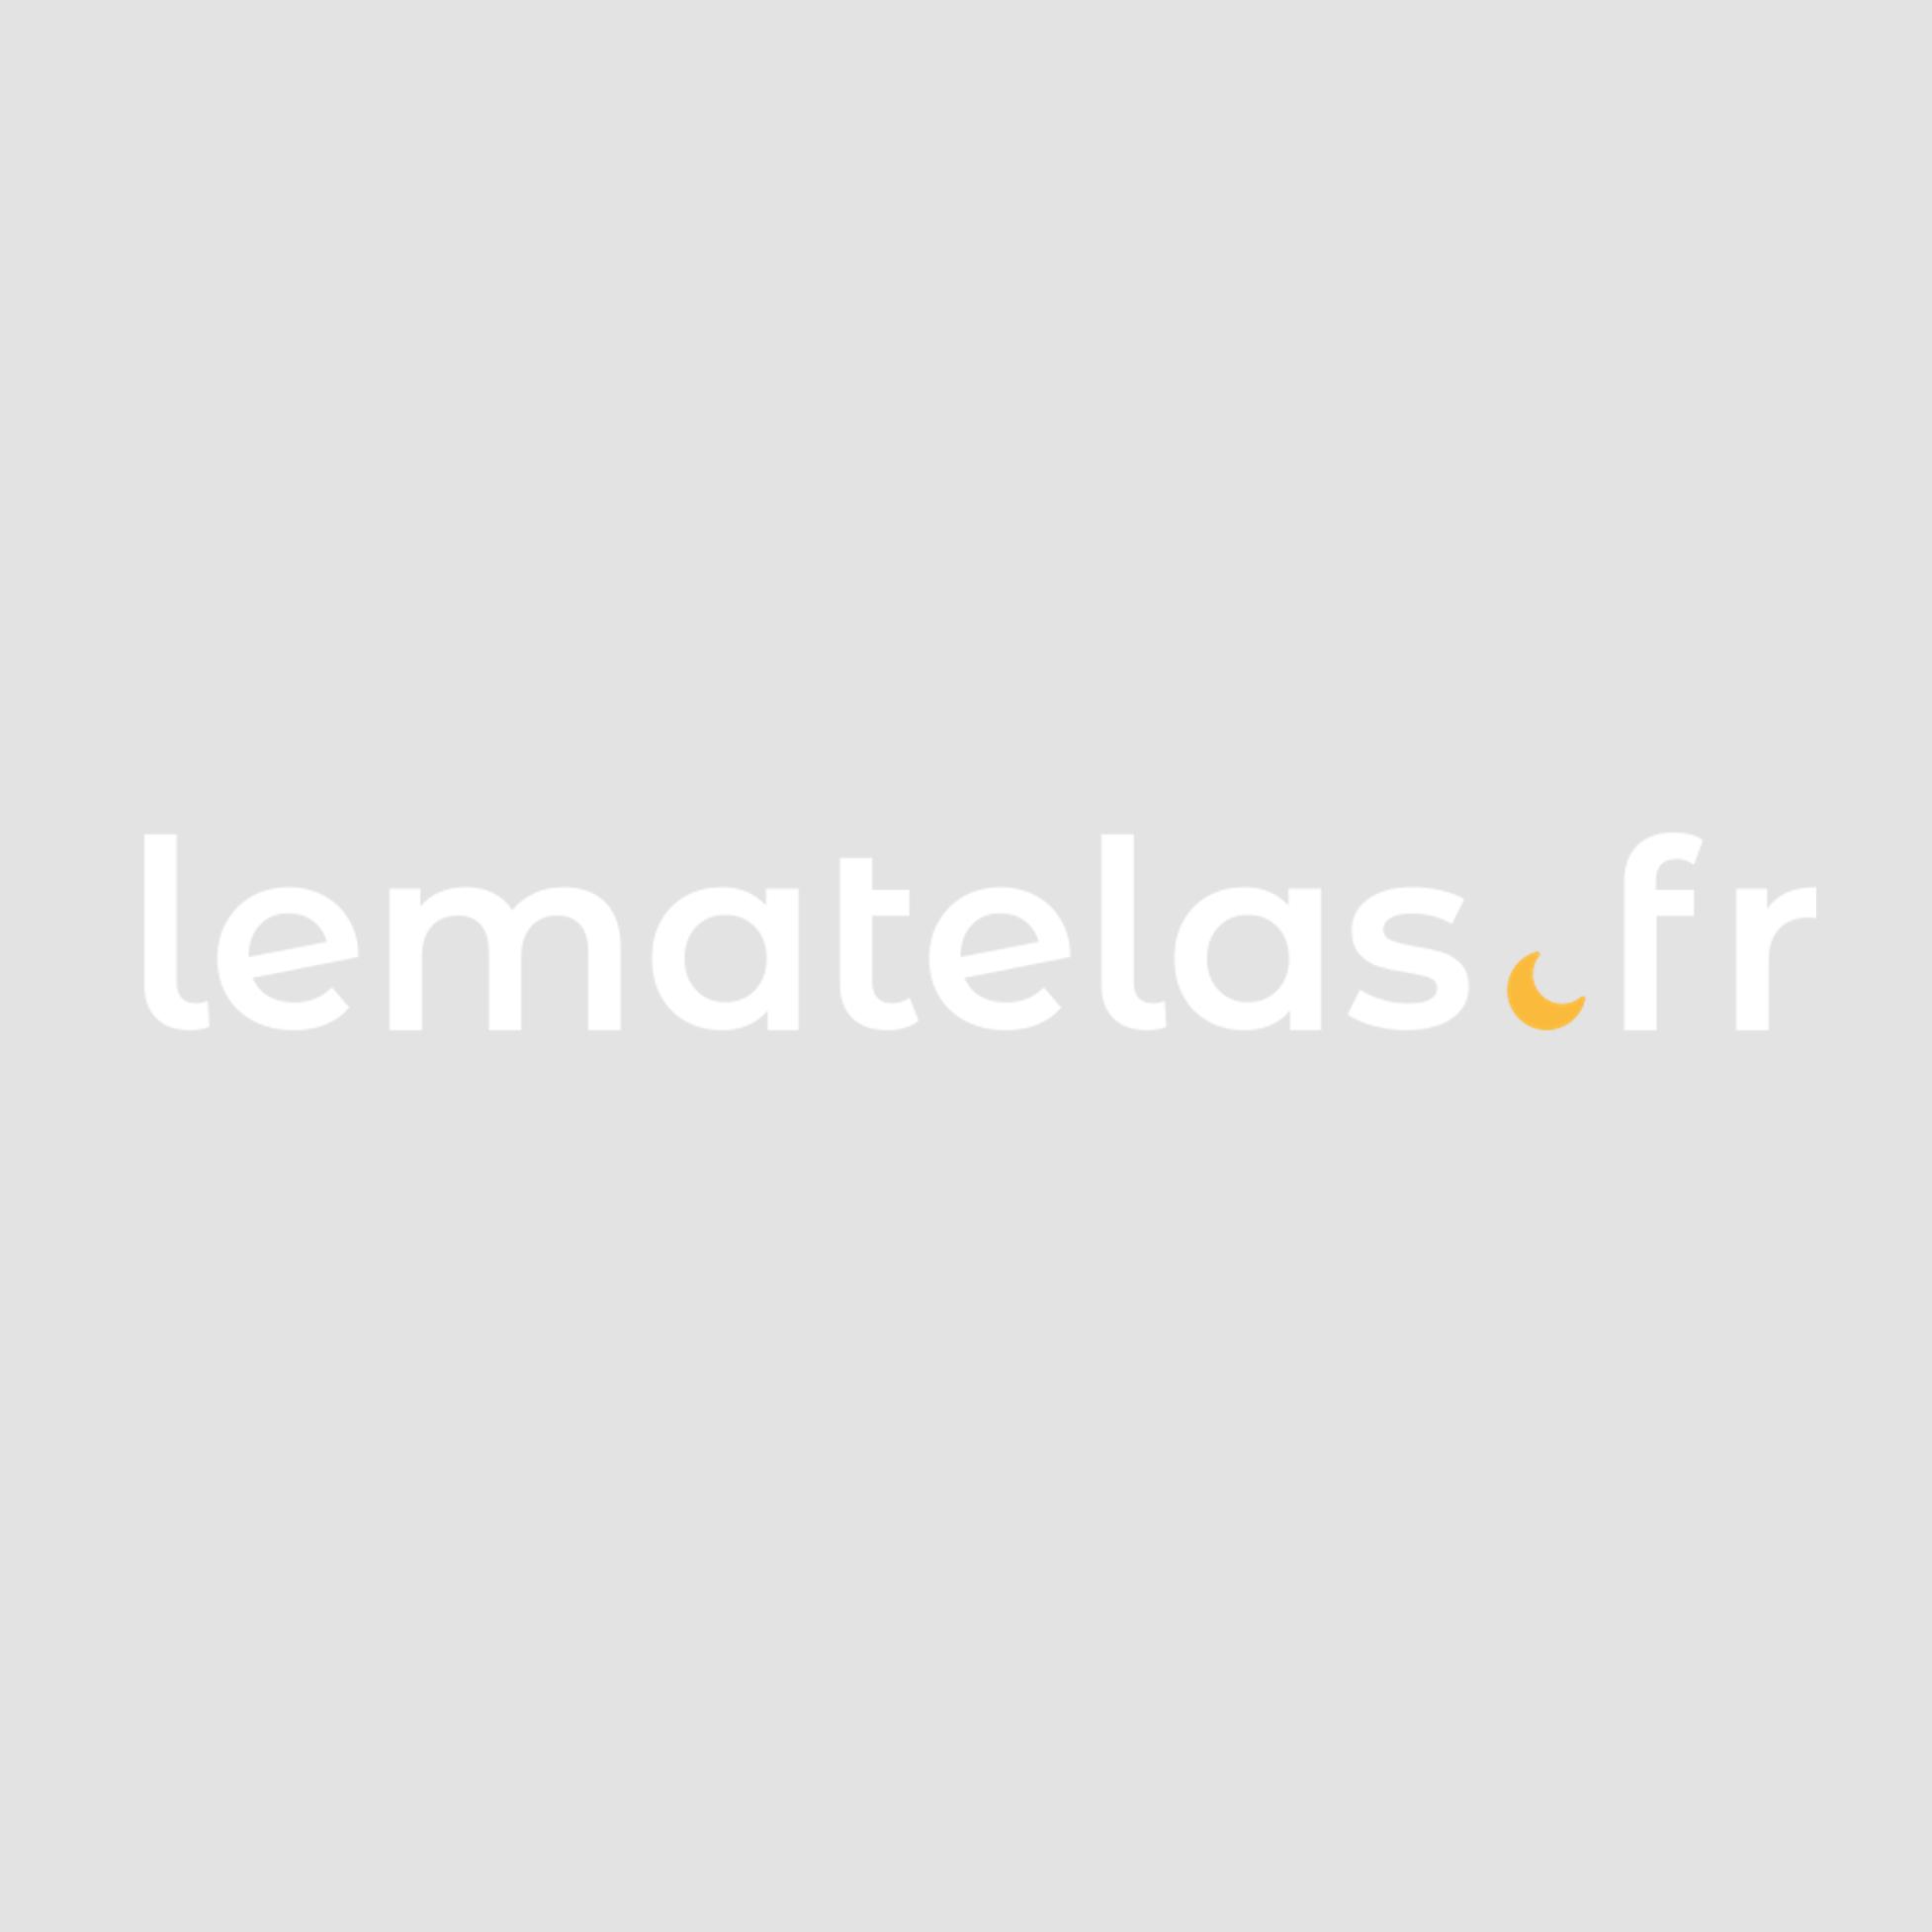 Drap housse blanc TPR jersey extensible 2x90x200 - Hôtellerie